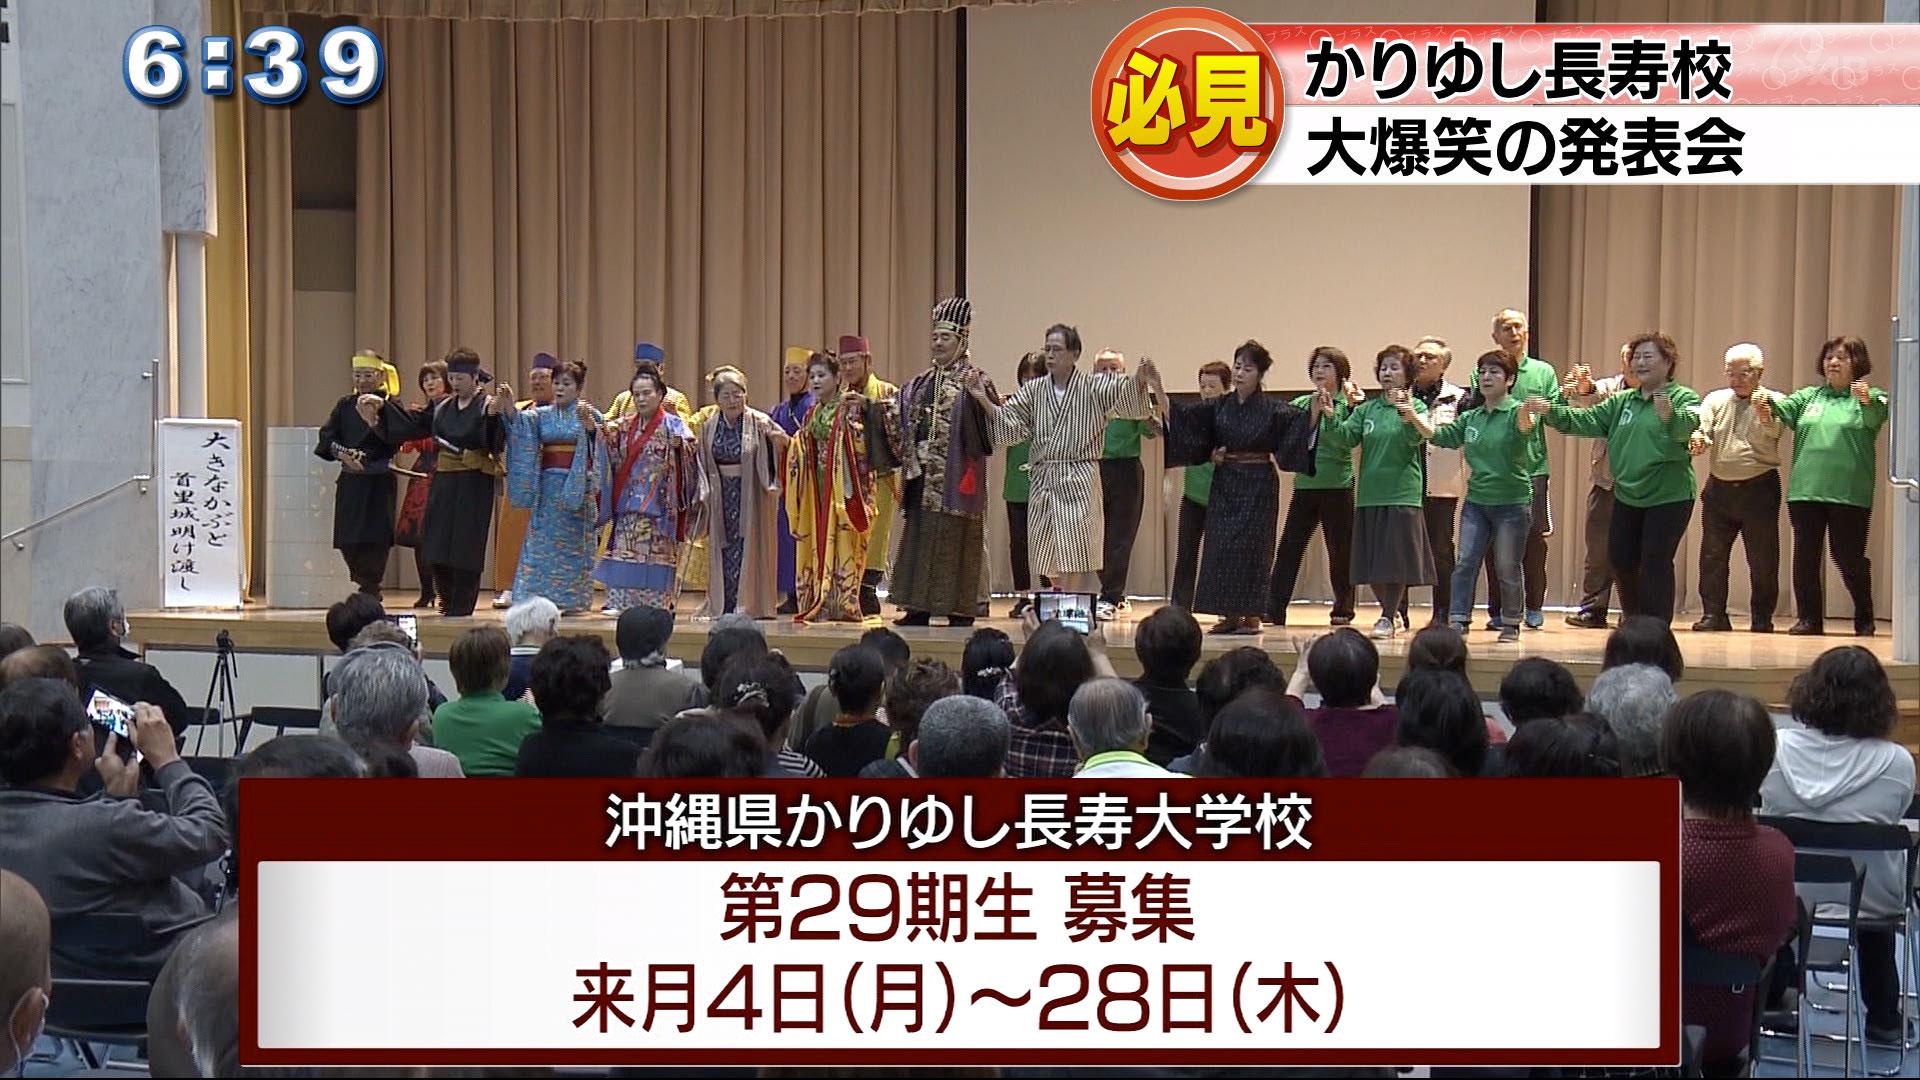 卒業前の集大成!かりゆし長寿大学校学習発表会